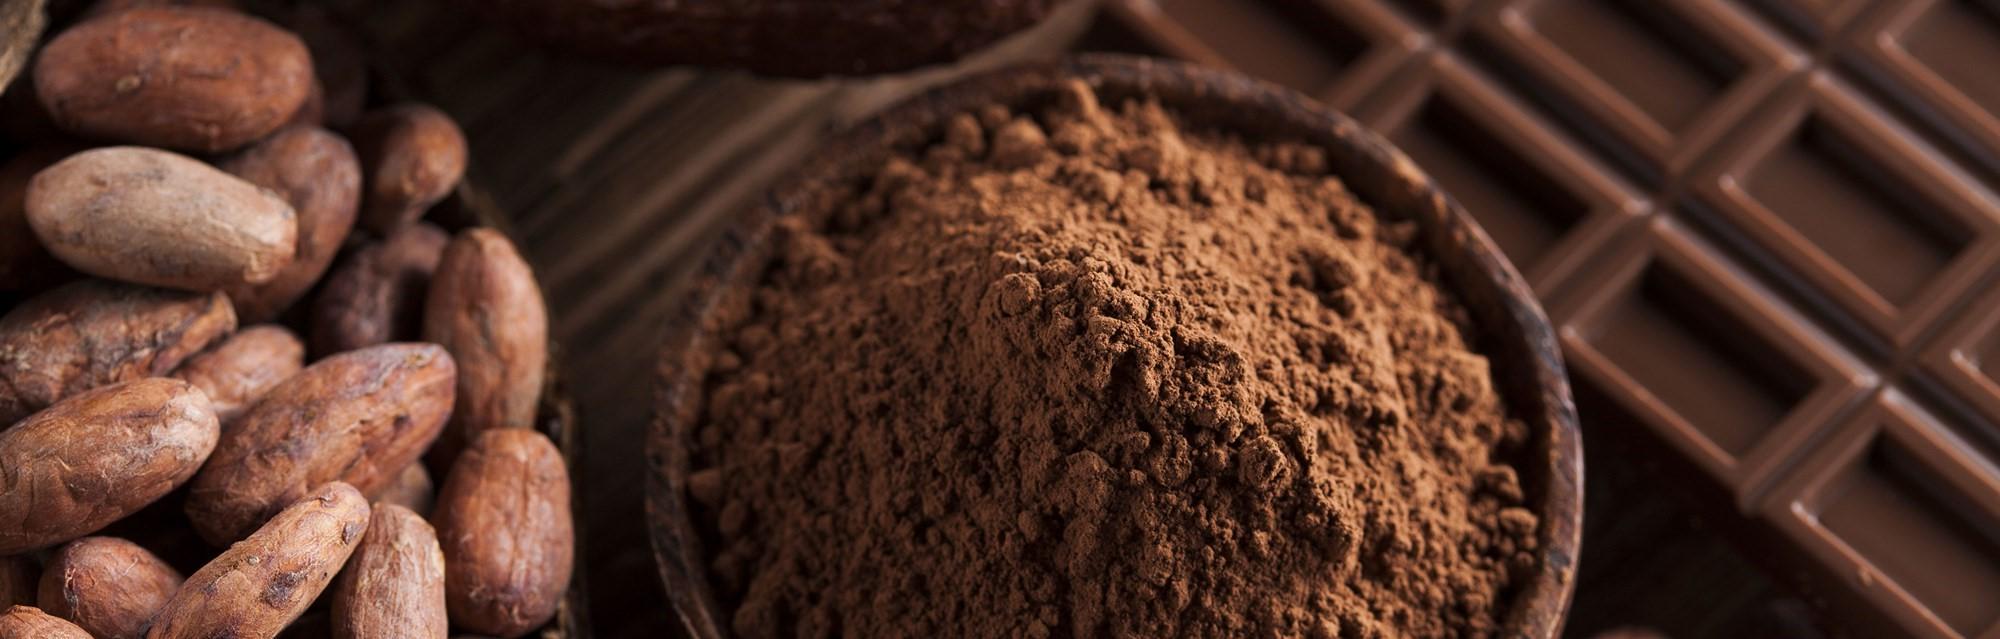 Tous les 2 ans, les International Cocoa Awards mettent en vedette le meilleur cacao du monde.